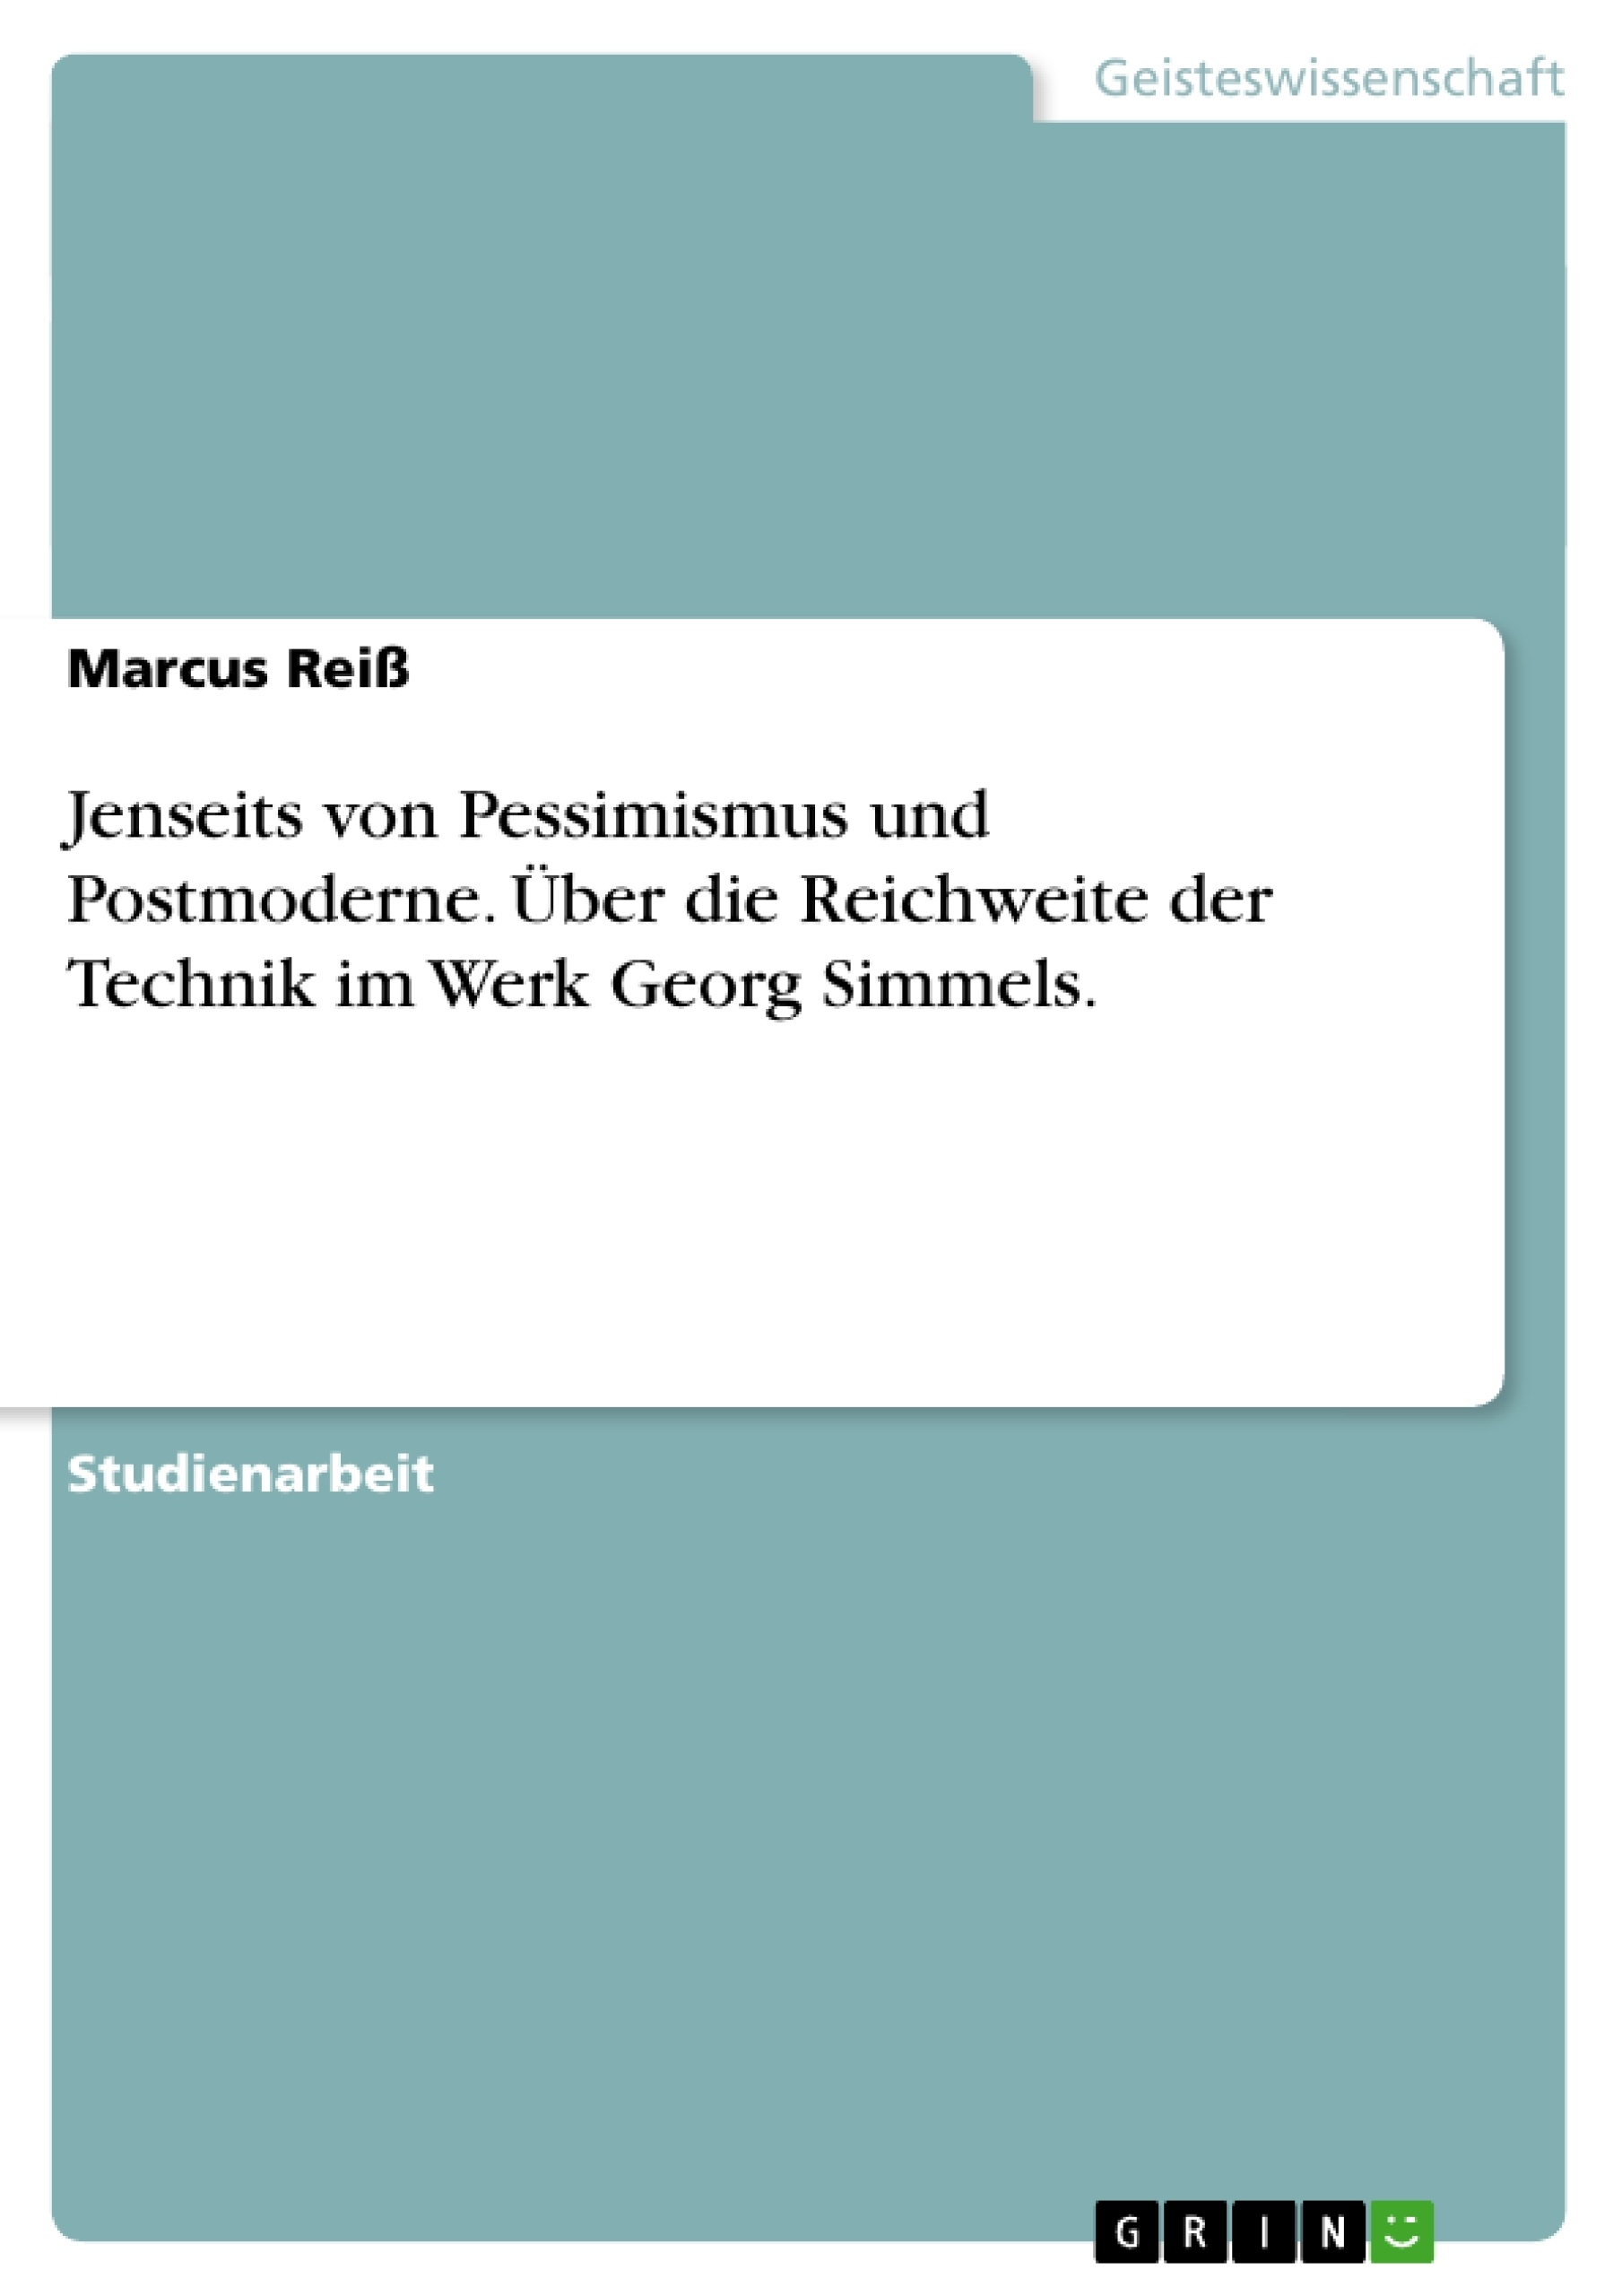 Titel: Jenseits von Pessimismus und Postmoderne. Über die Reichweite der Technik im Werk Georg Simmels.